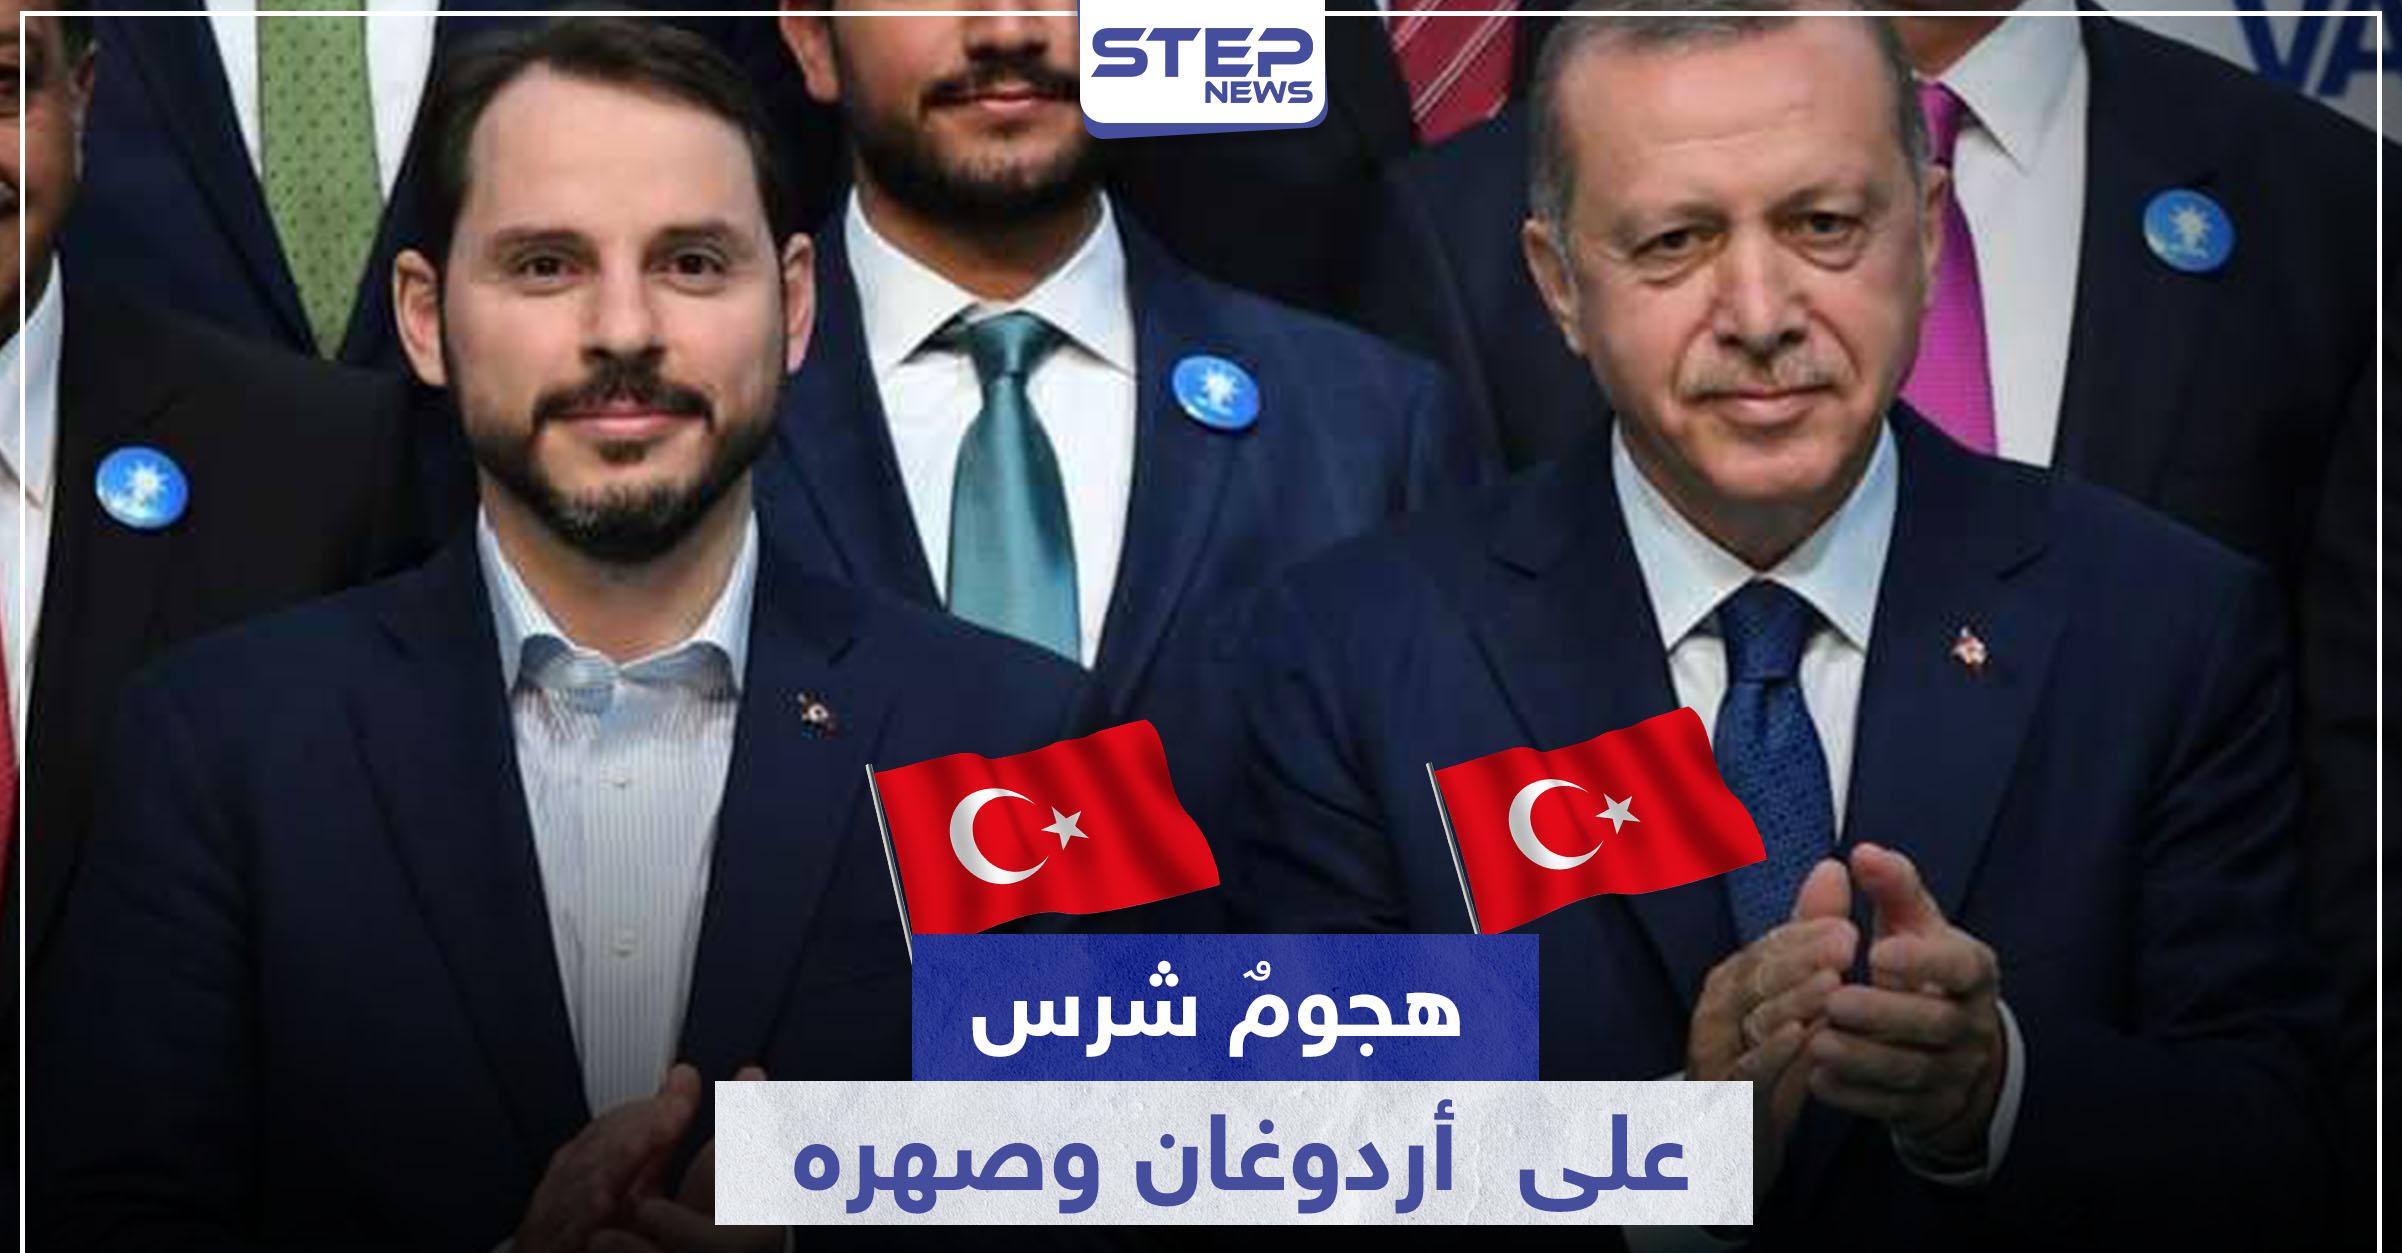 رسالة تهديد علنية لـ أردوغان وصهره من مسؤولٍ كبير